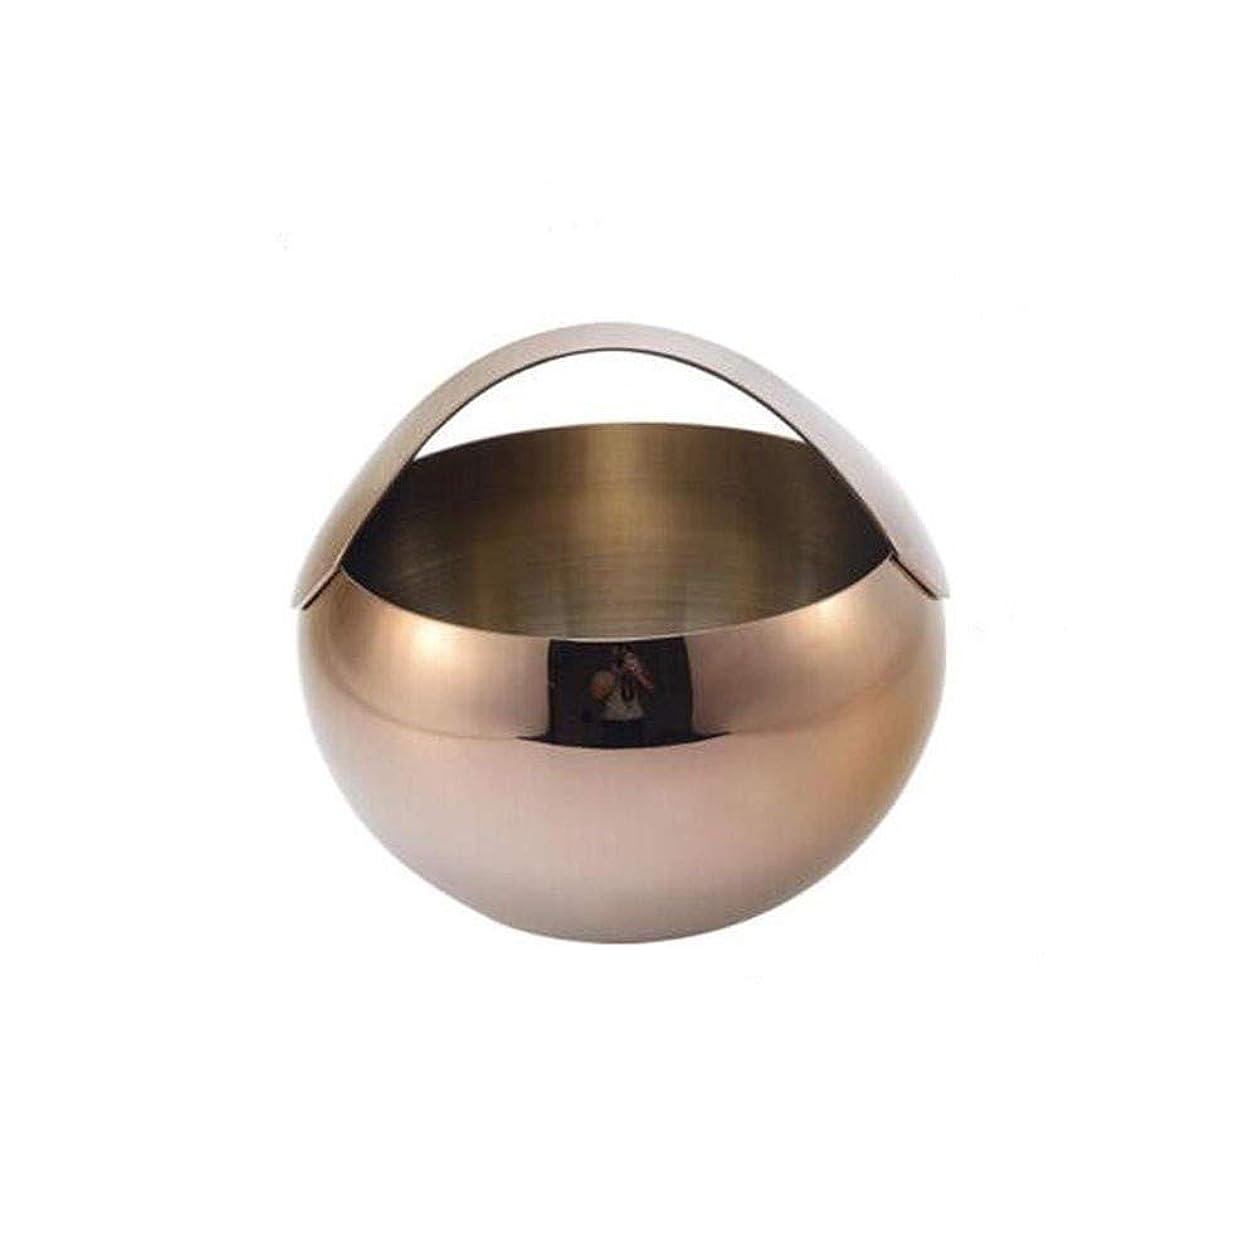 背が高い理容師ケントMEIYUFUZHUANG-A 等二層ポータブルアイスバケットのアイスキューブ、氷、水、冷たいビール、赤ワイン、3Lラウンドローズゴールド Ice bucket, dining and entertainment, home kitchen (Capacity : 3L, Color : Gold)